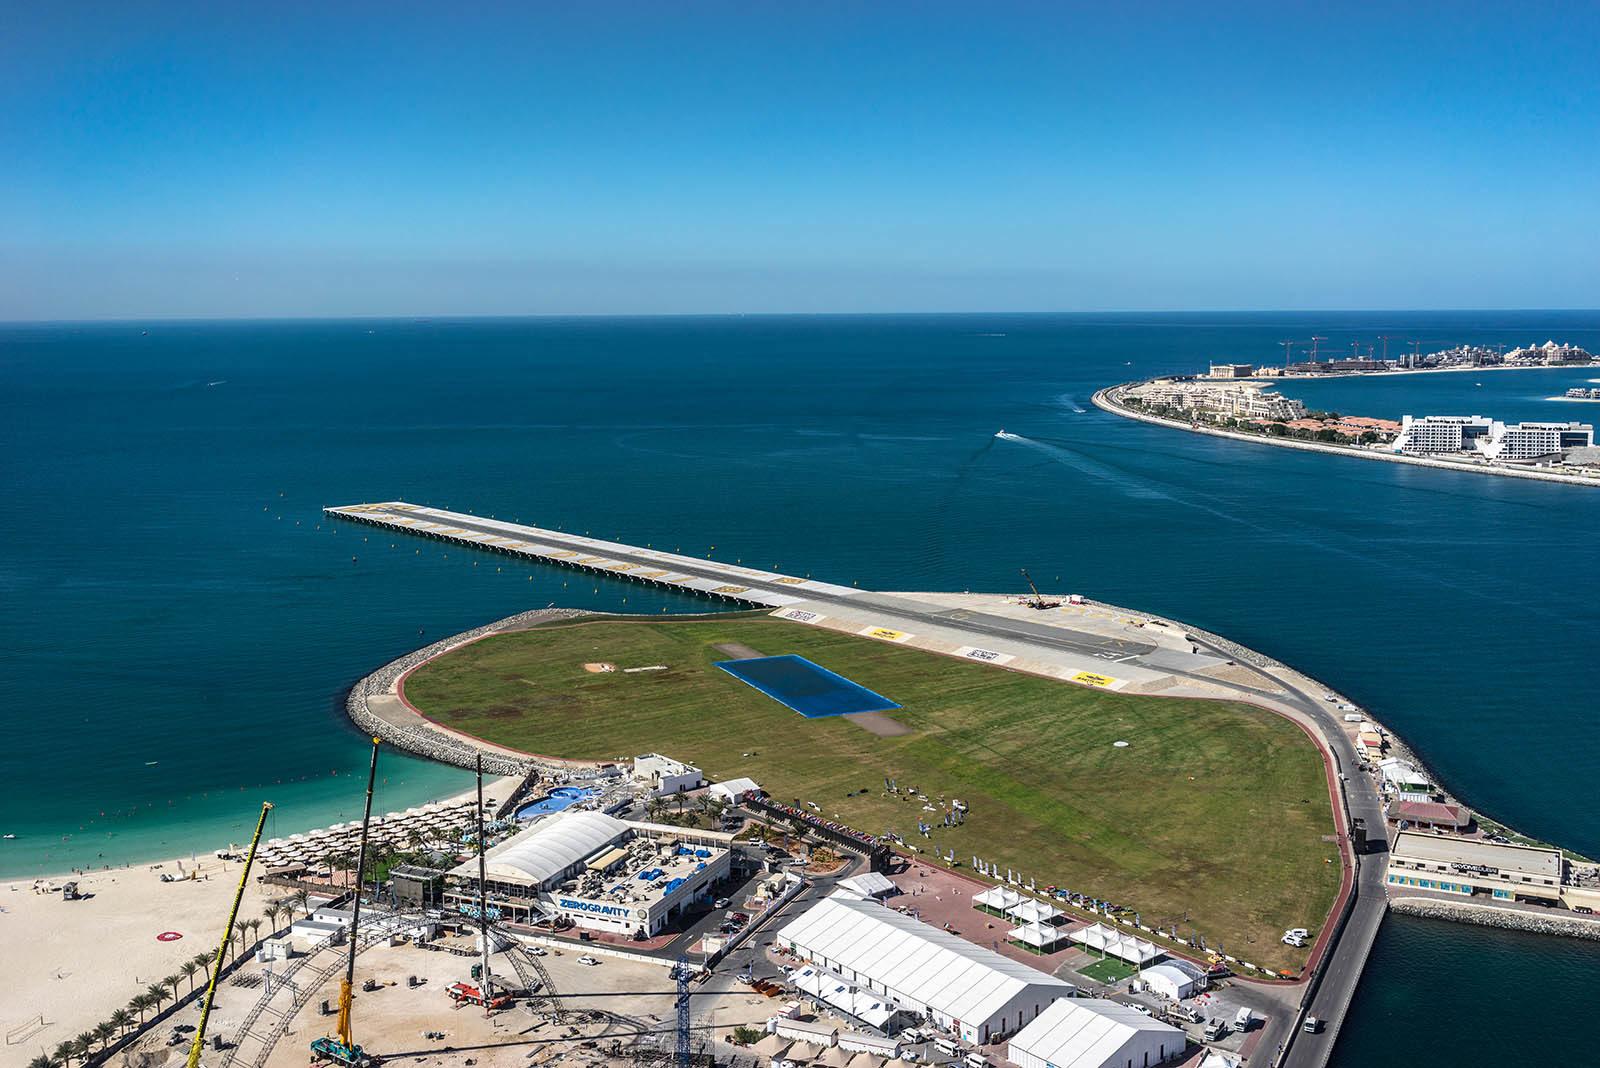 Pas startowy Dubai sky dive, skoki spadochronowe.